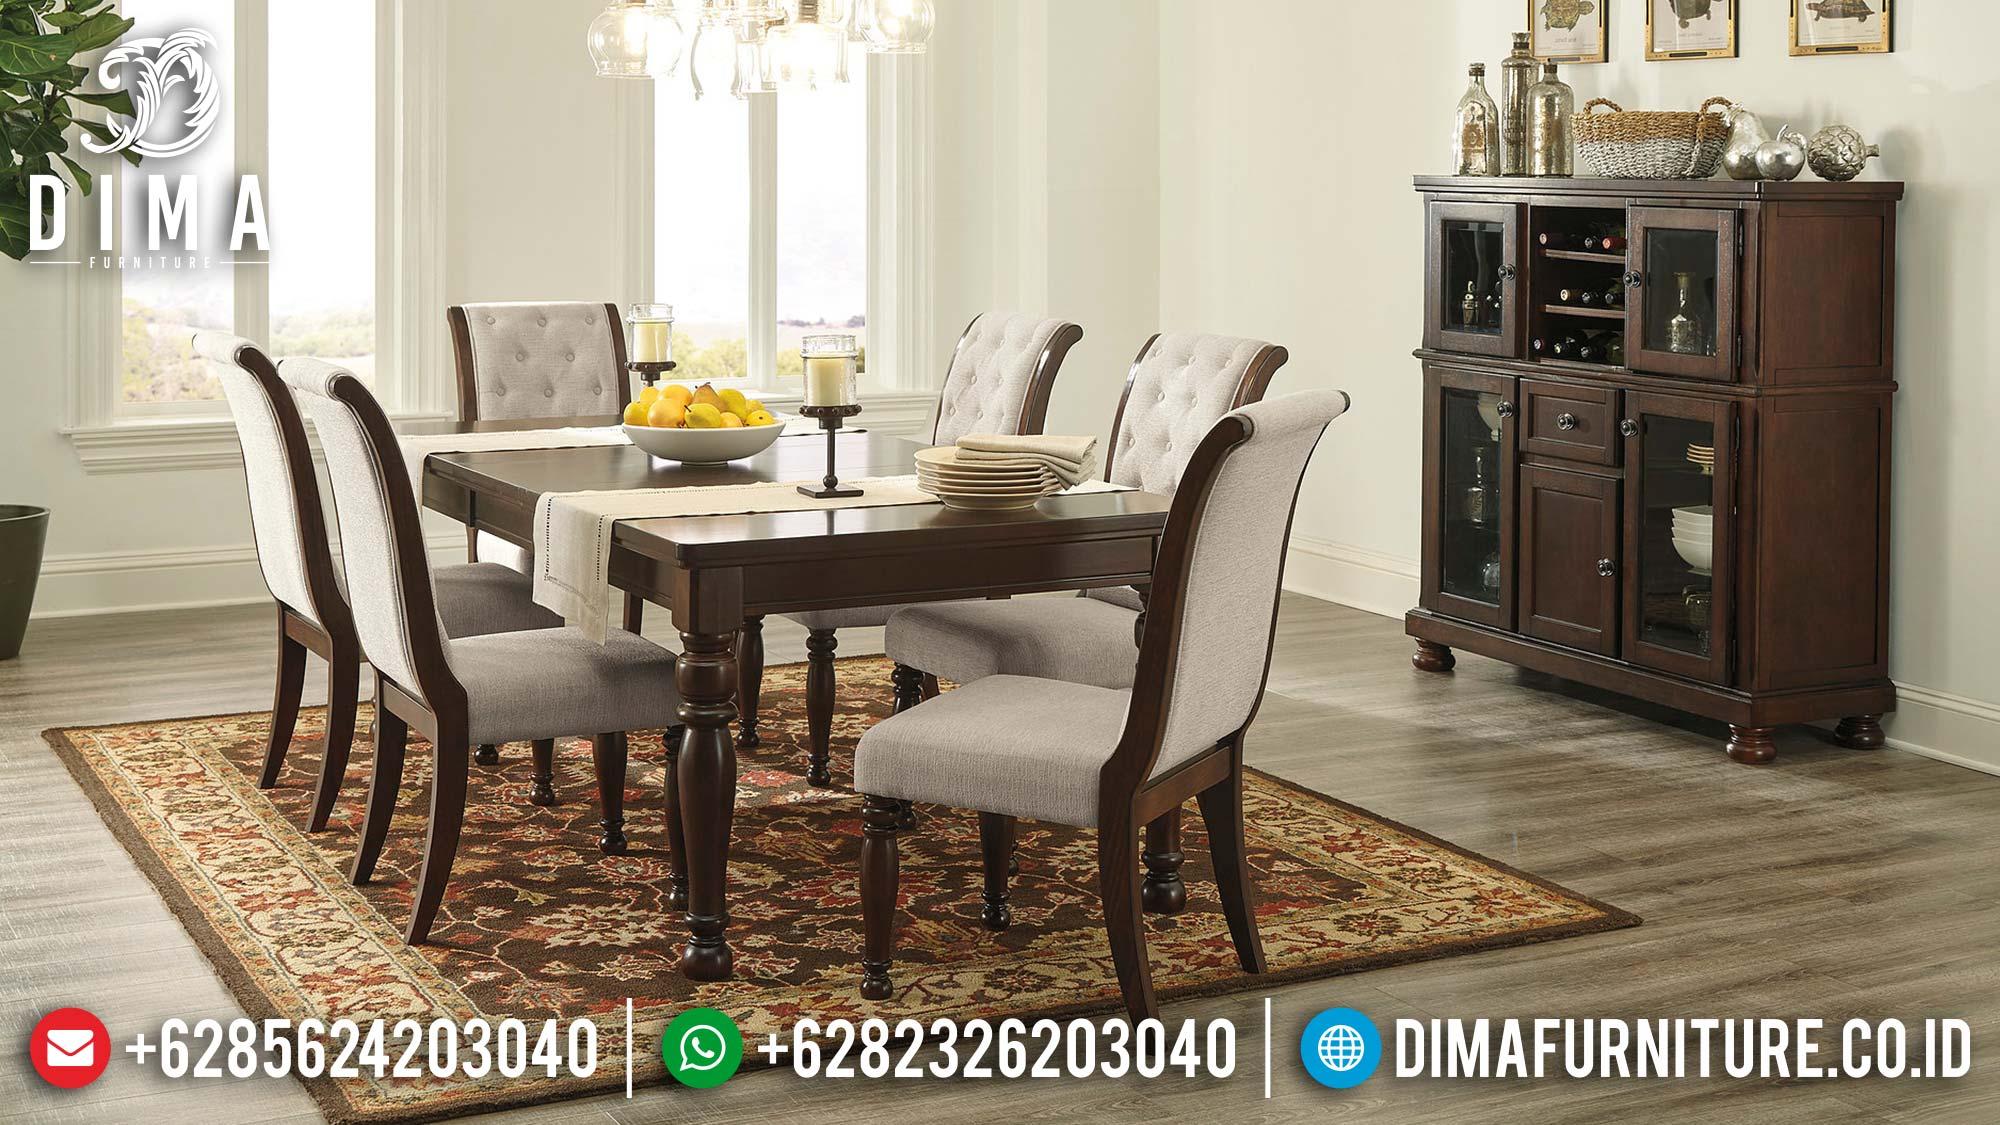 Best Day Sale Meja Makan Minimalis Jati Natural Klasik Terbaru Mm-0857